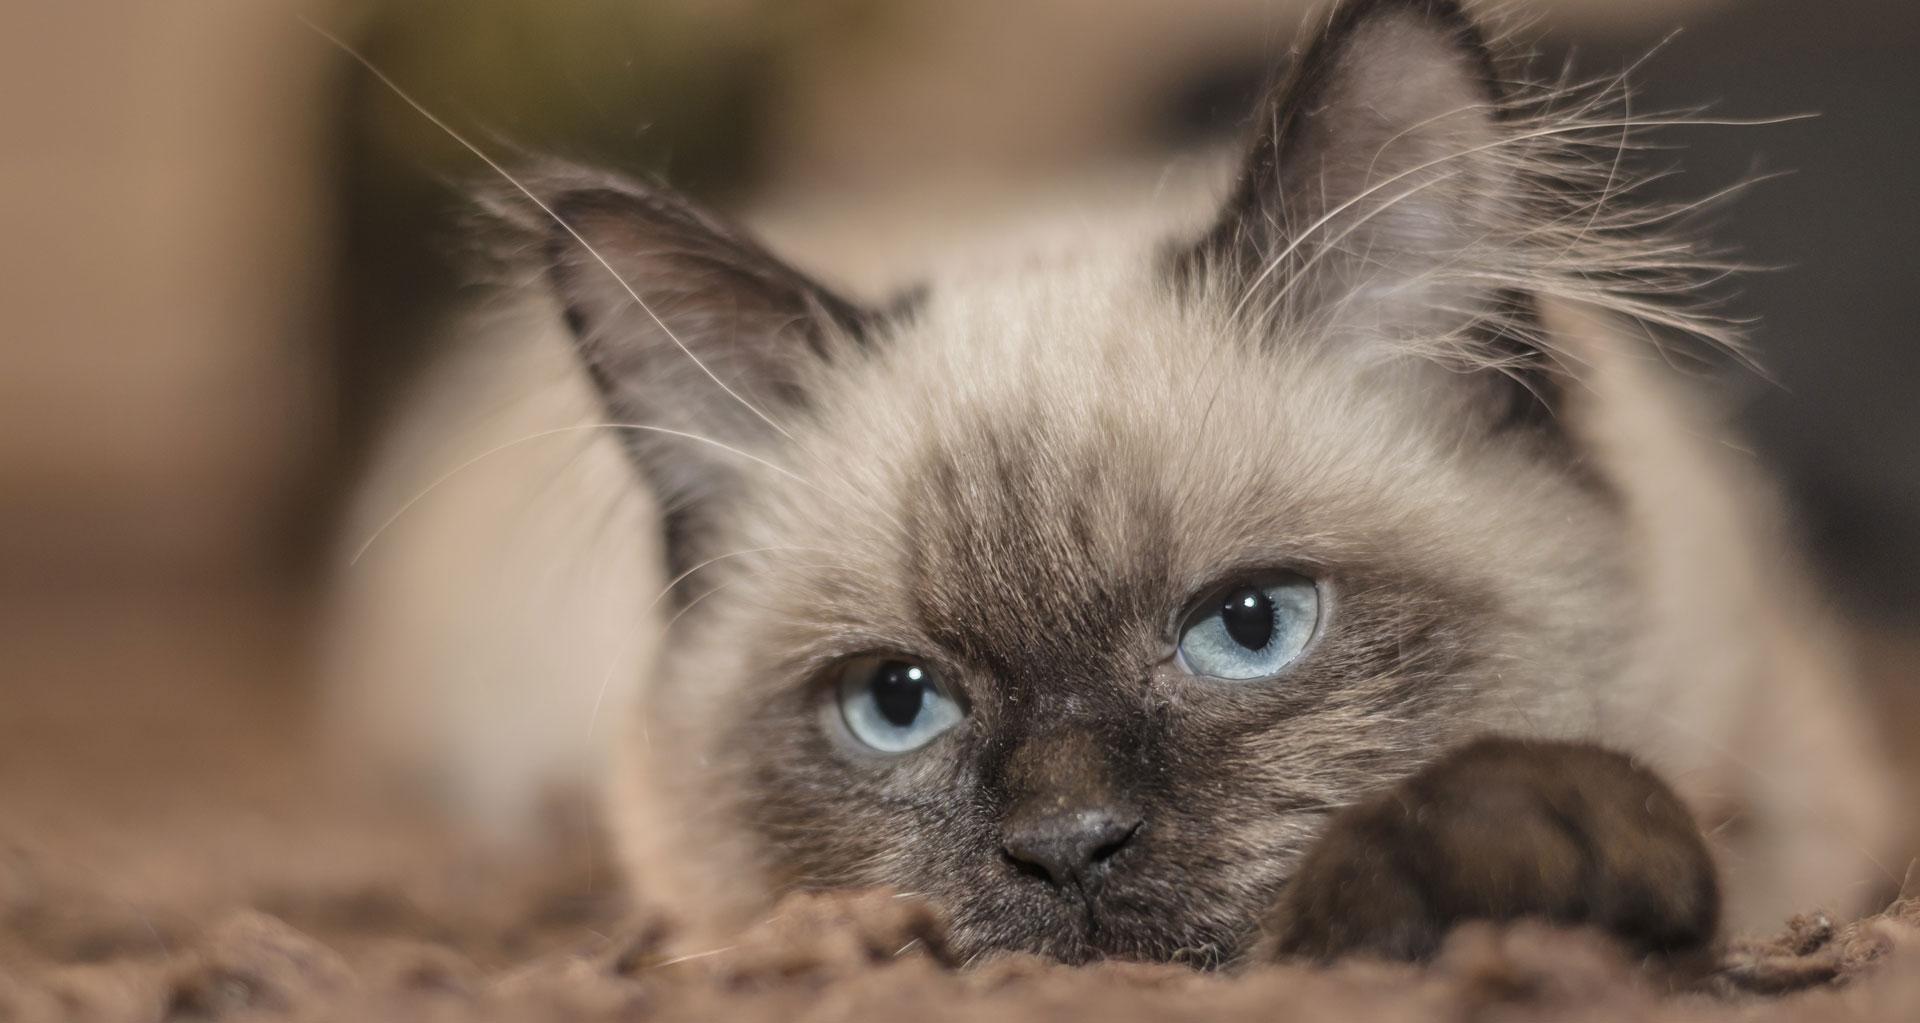 Cute furry cat